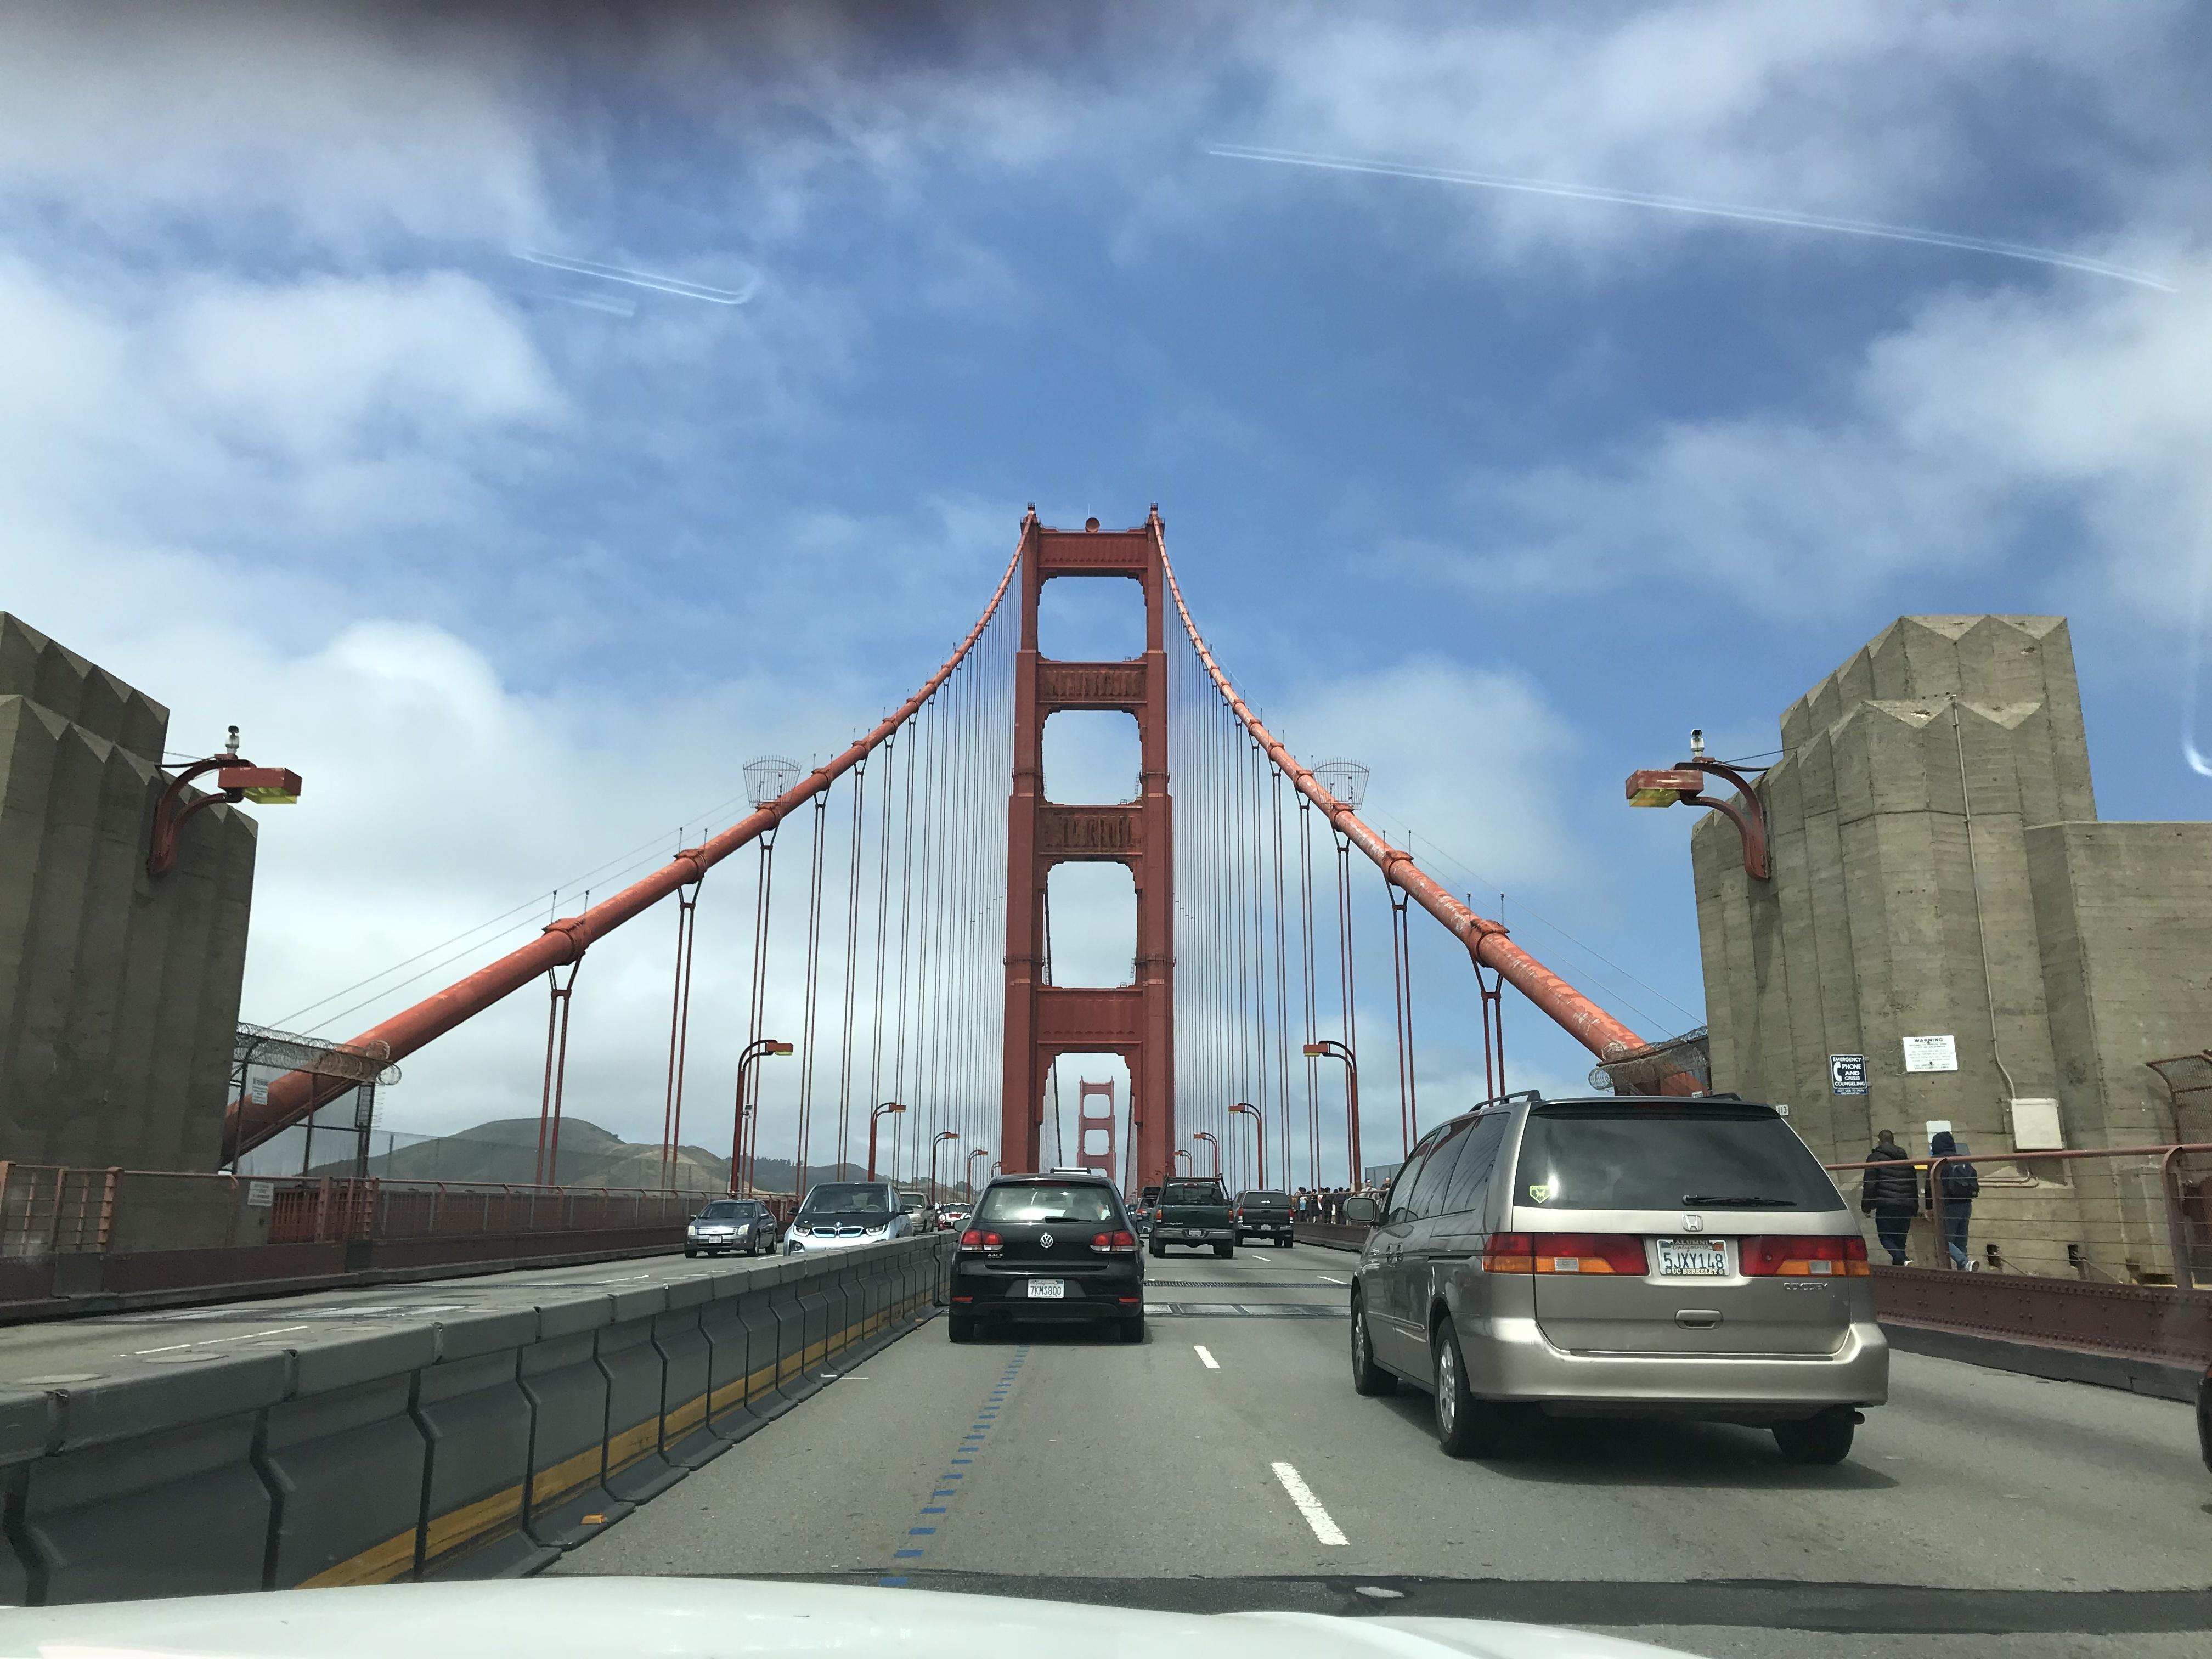 車でゴールデンゲートブリッジを渡っている写真です。